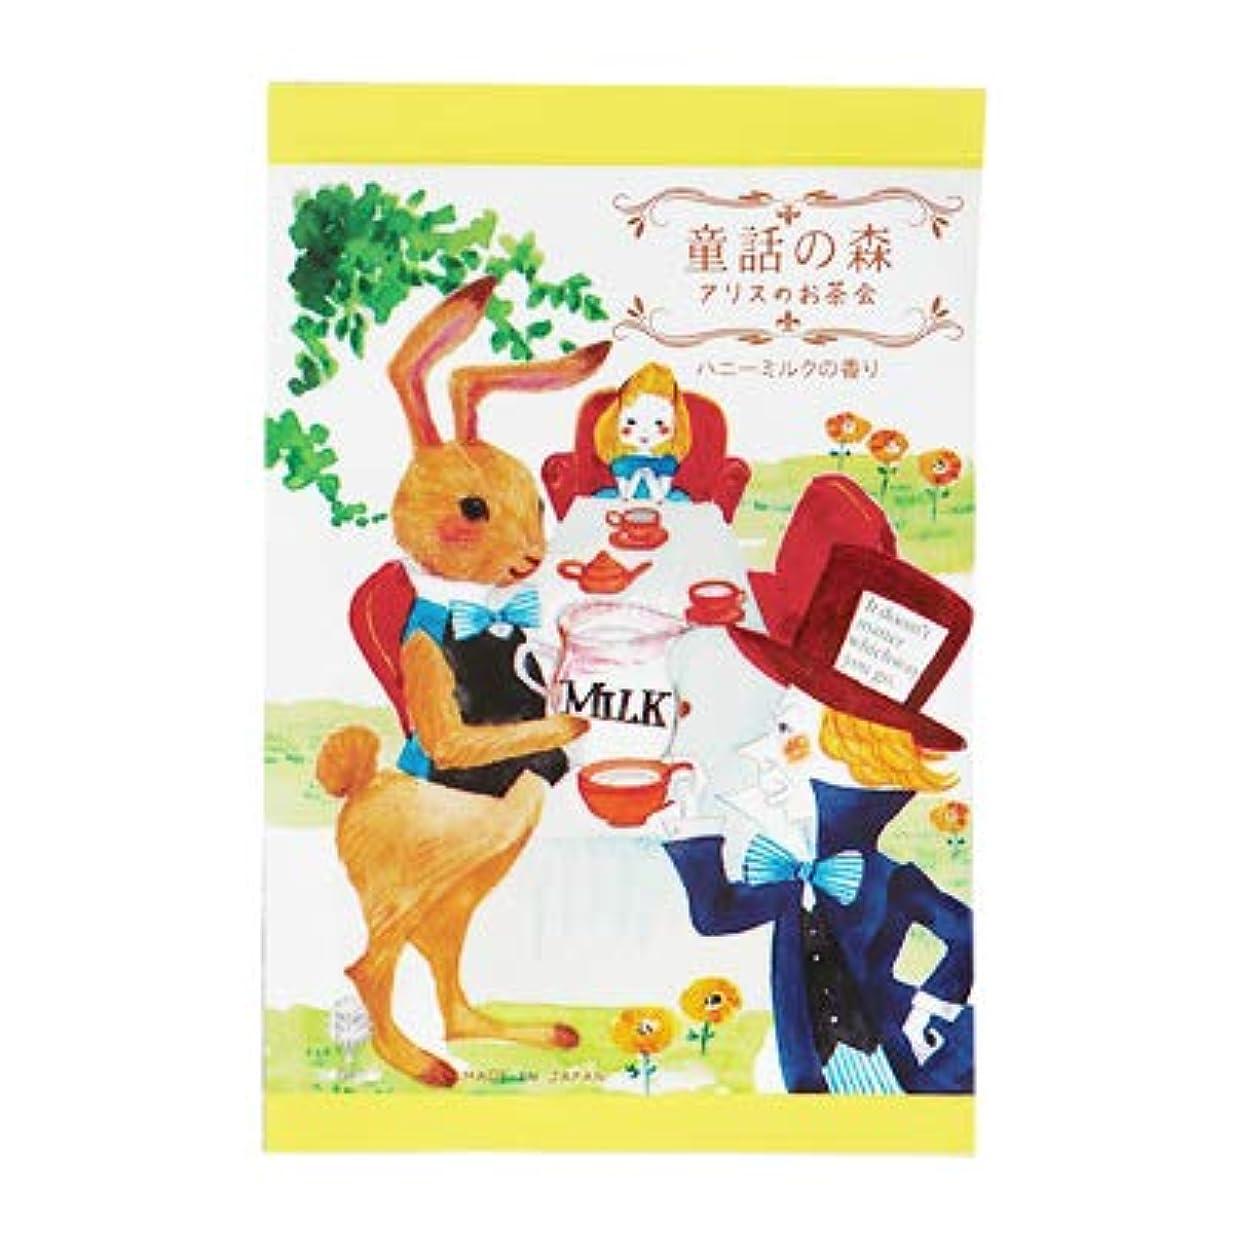 悪化させる地平線キッチン【まとめ買い3個セット】 童話の森 アリスのお茶会